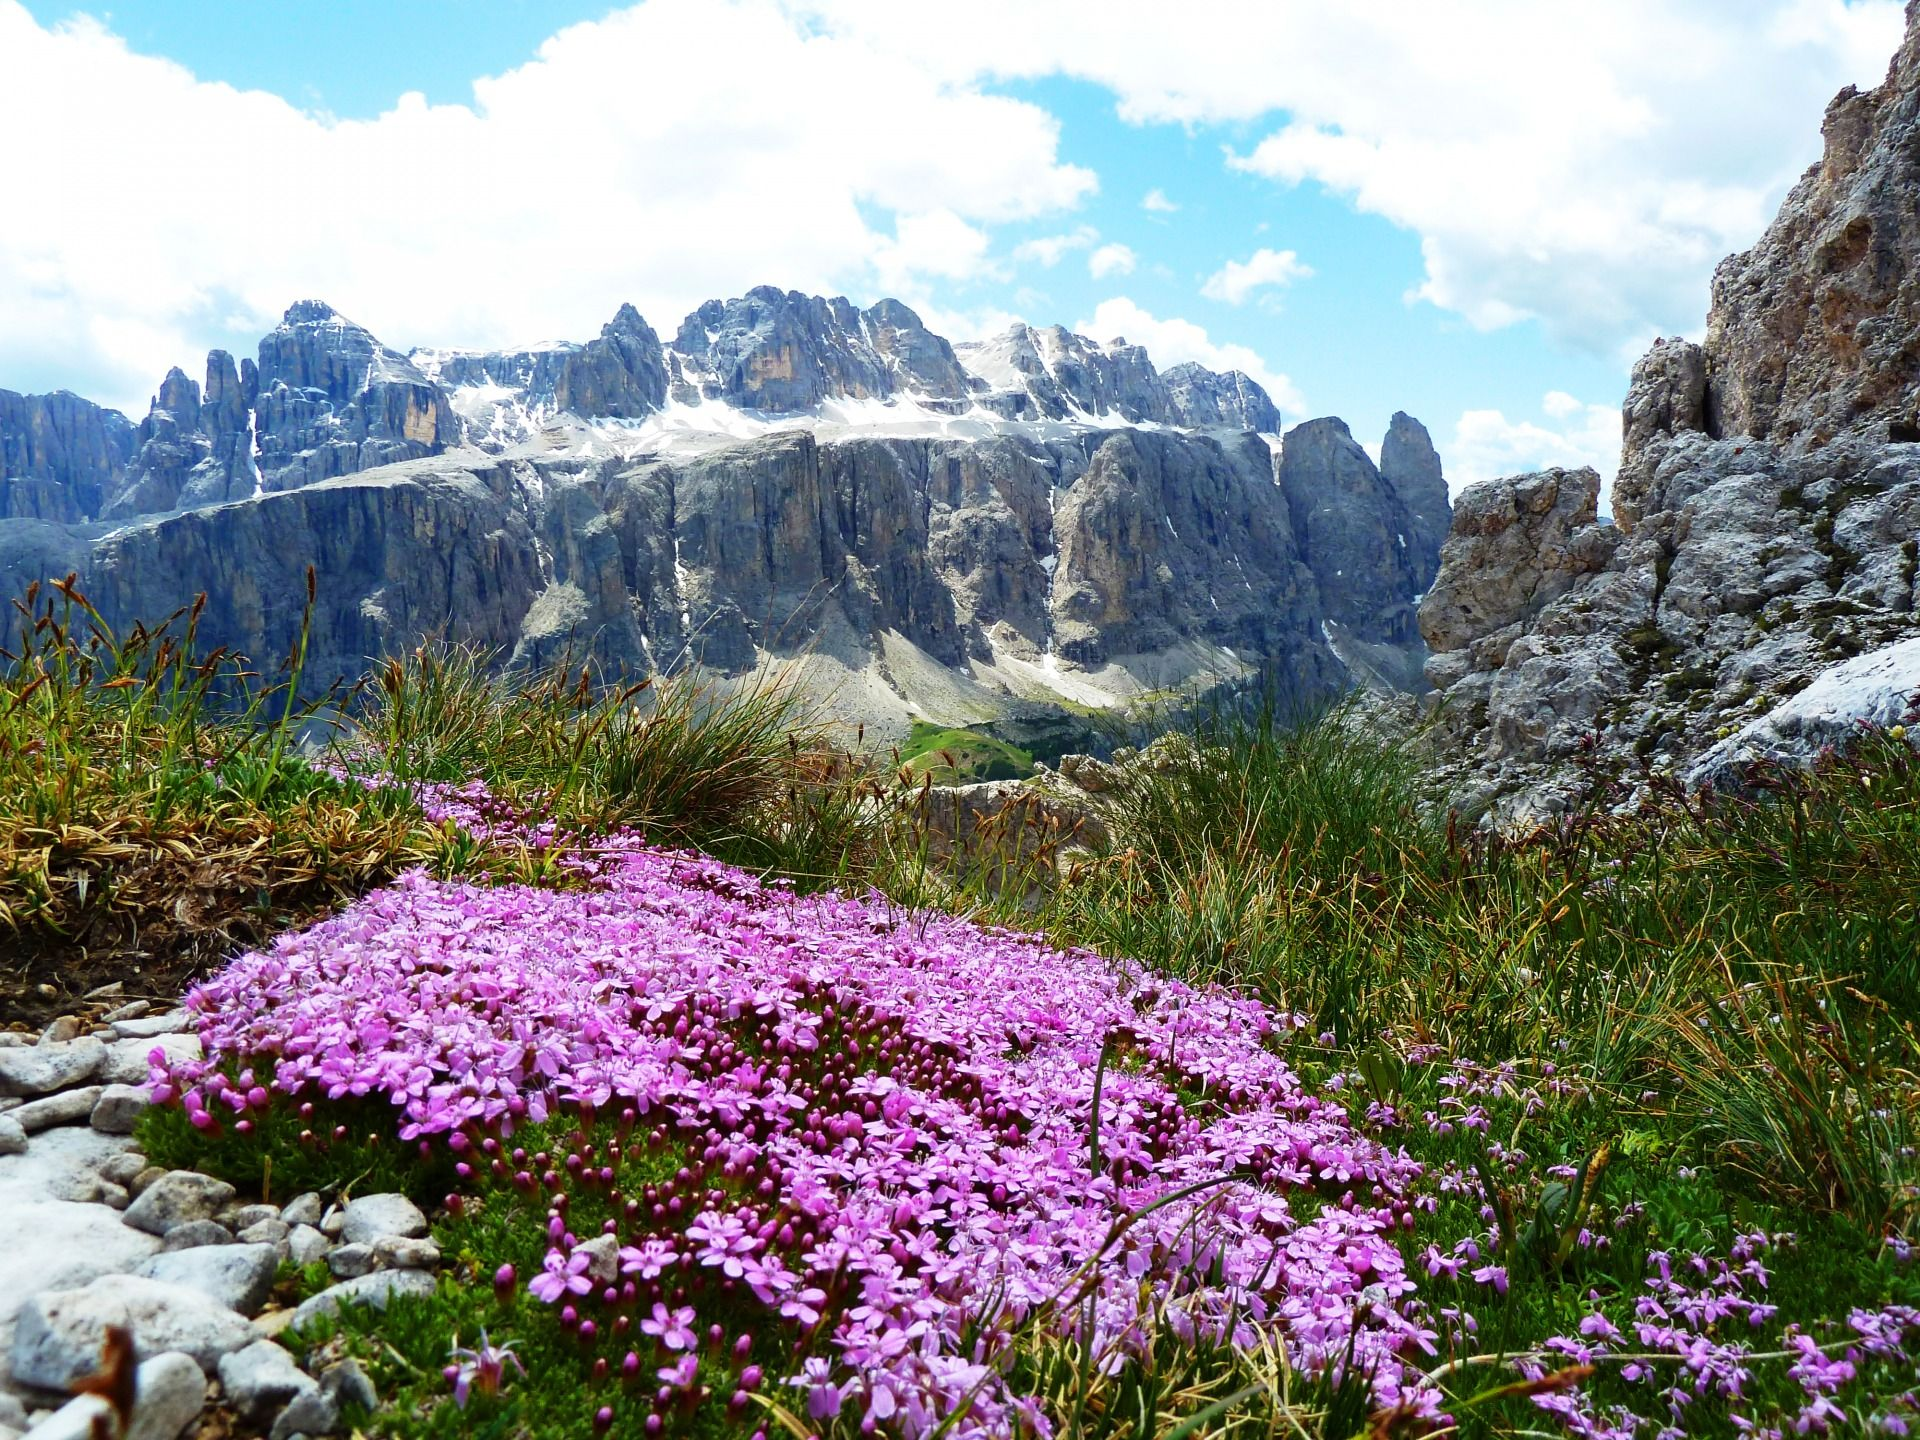 Rosa Blumen und Berglandschaft im Hintergrund